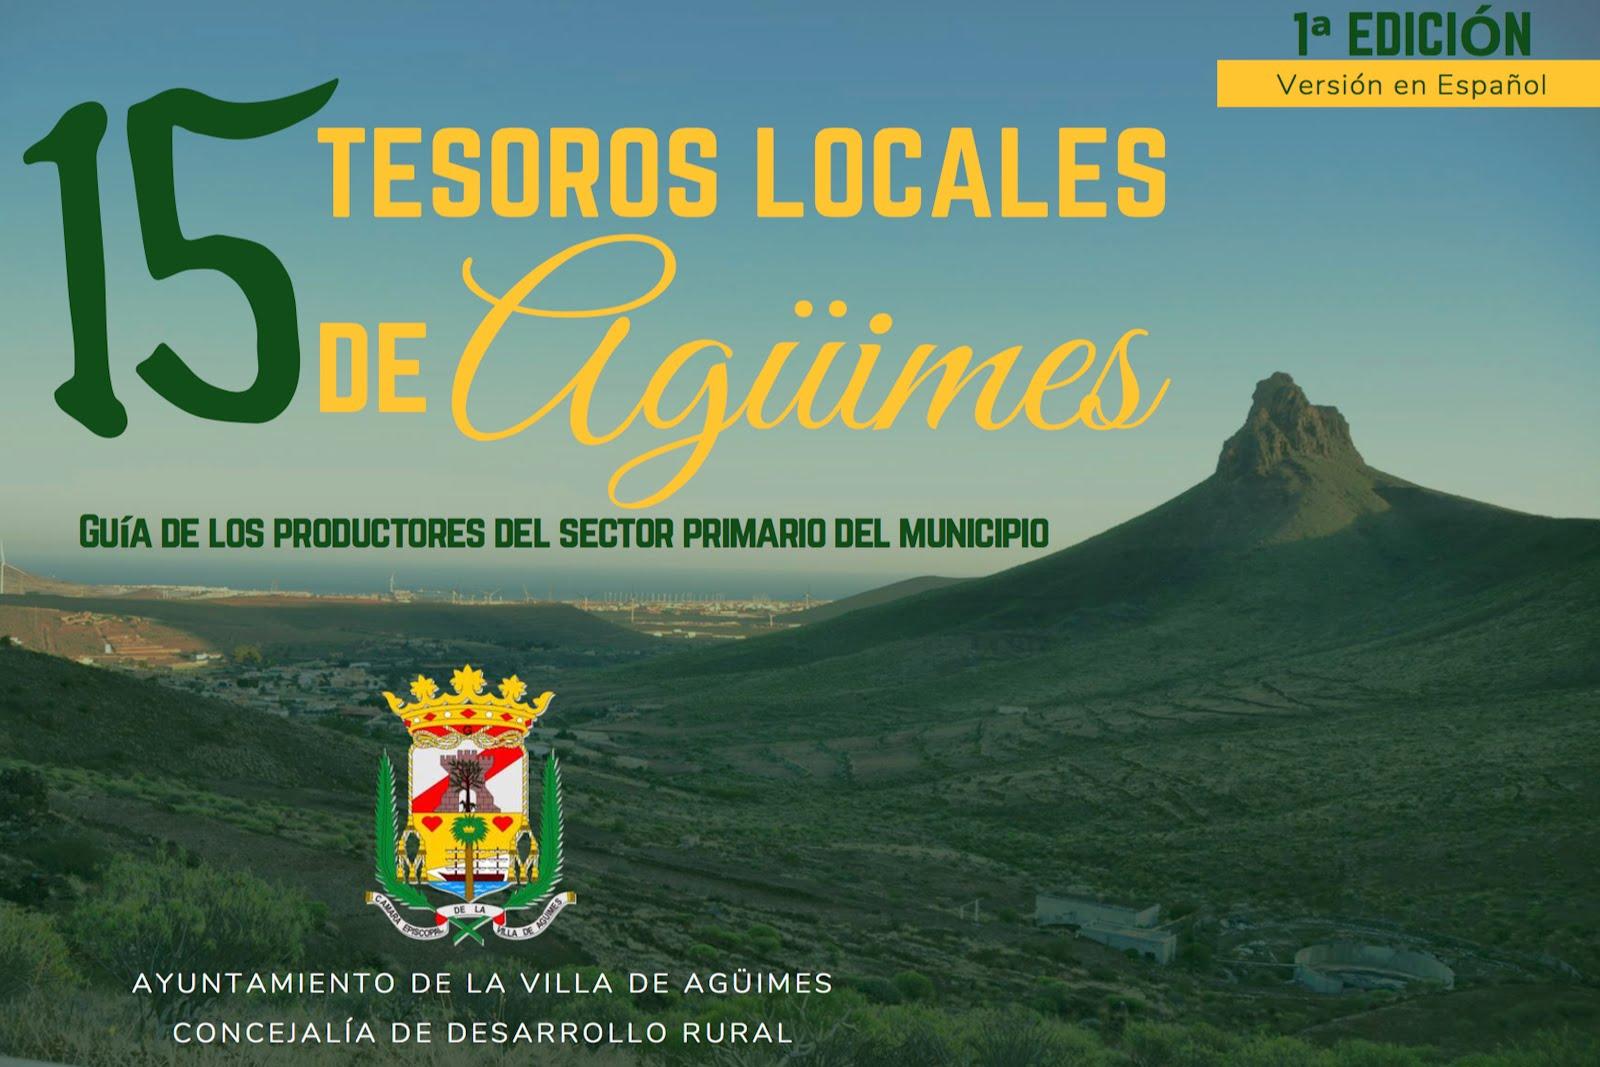 15 Tesoros Locales de Agüimes